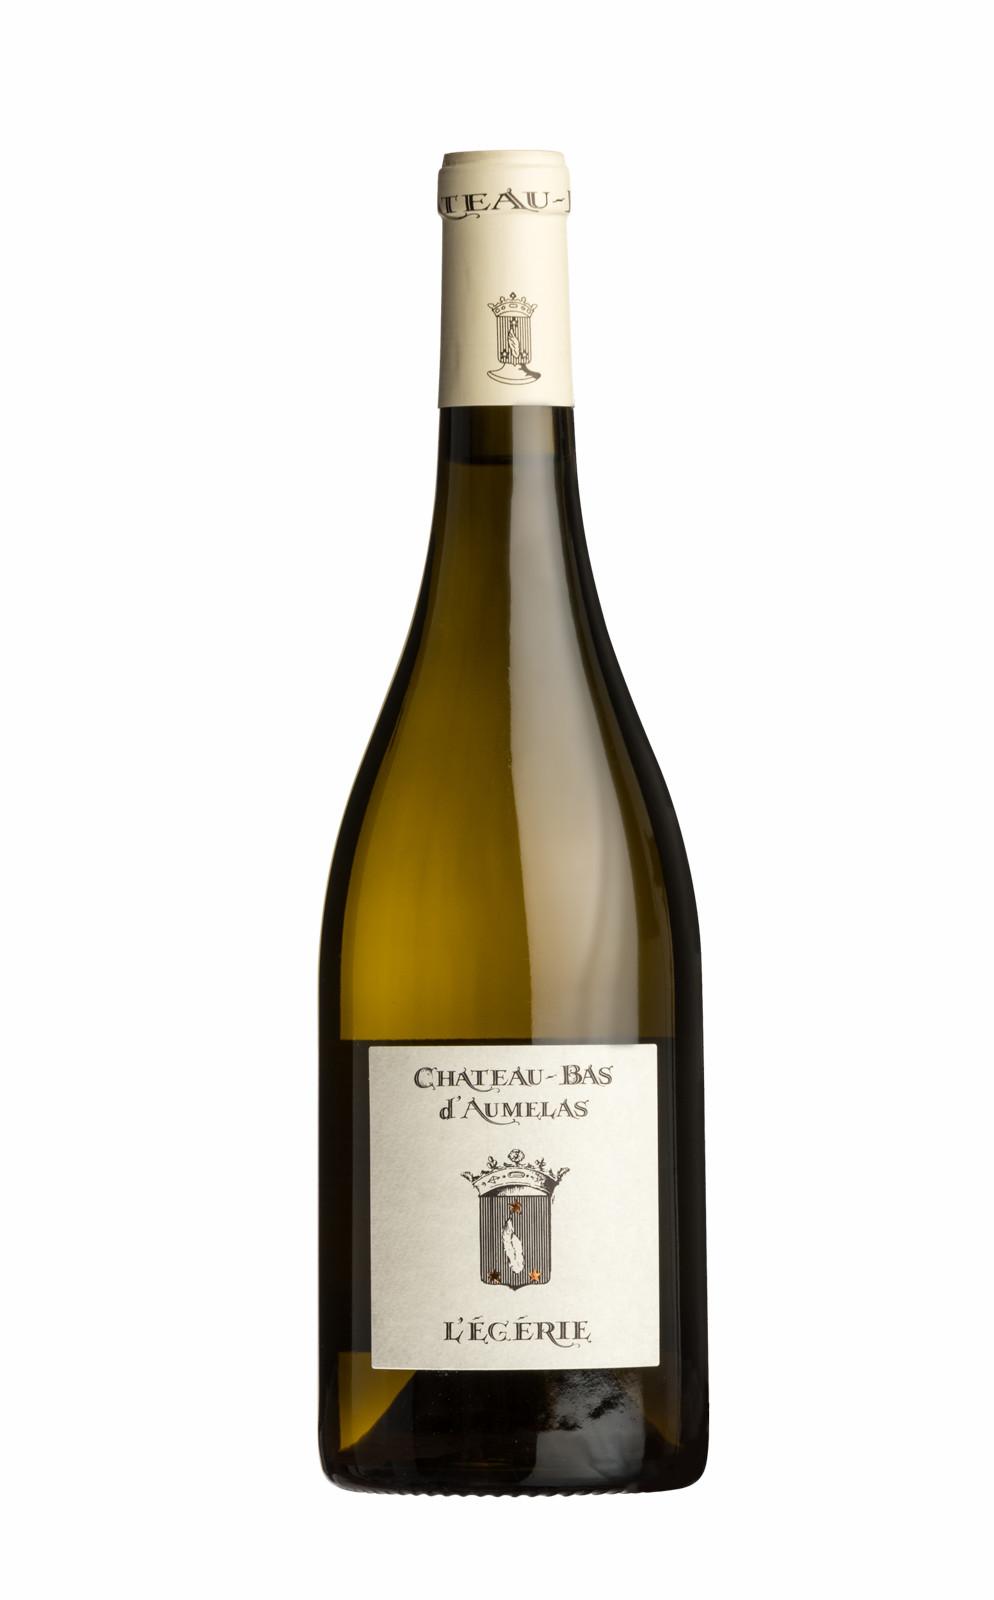 photographe packshot vin montpellier chateau aumelas magnum